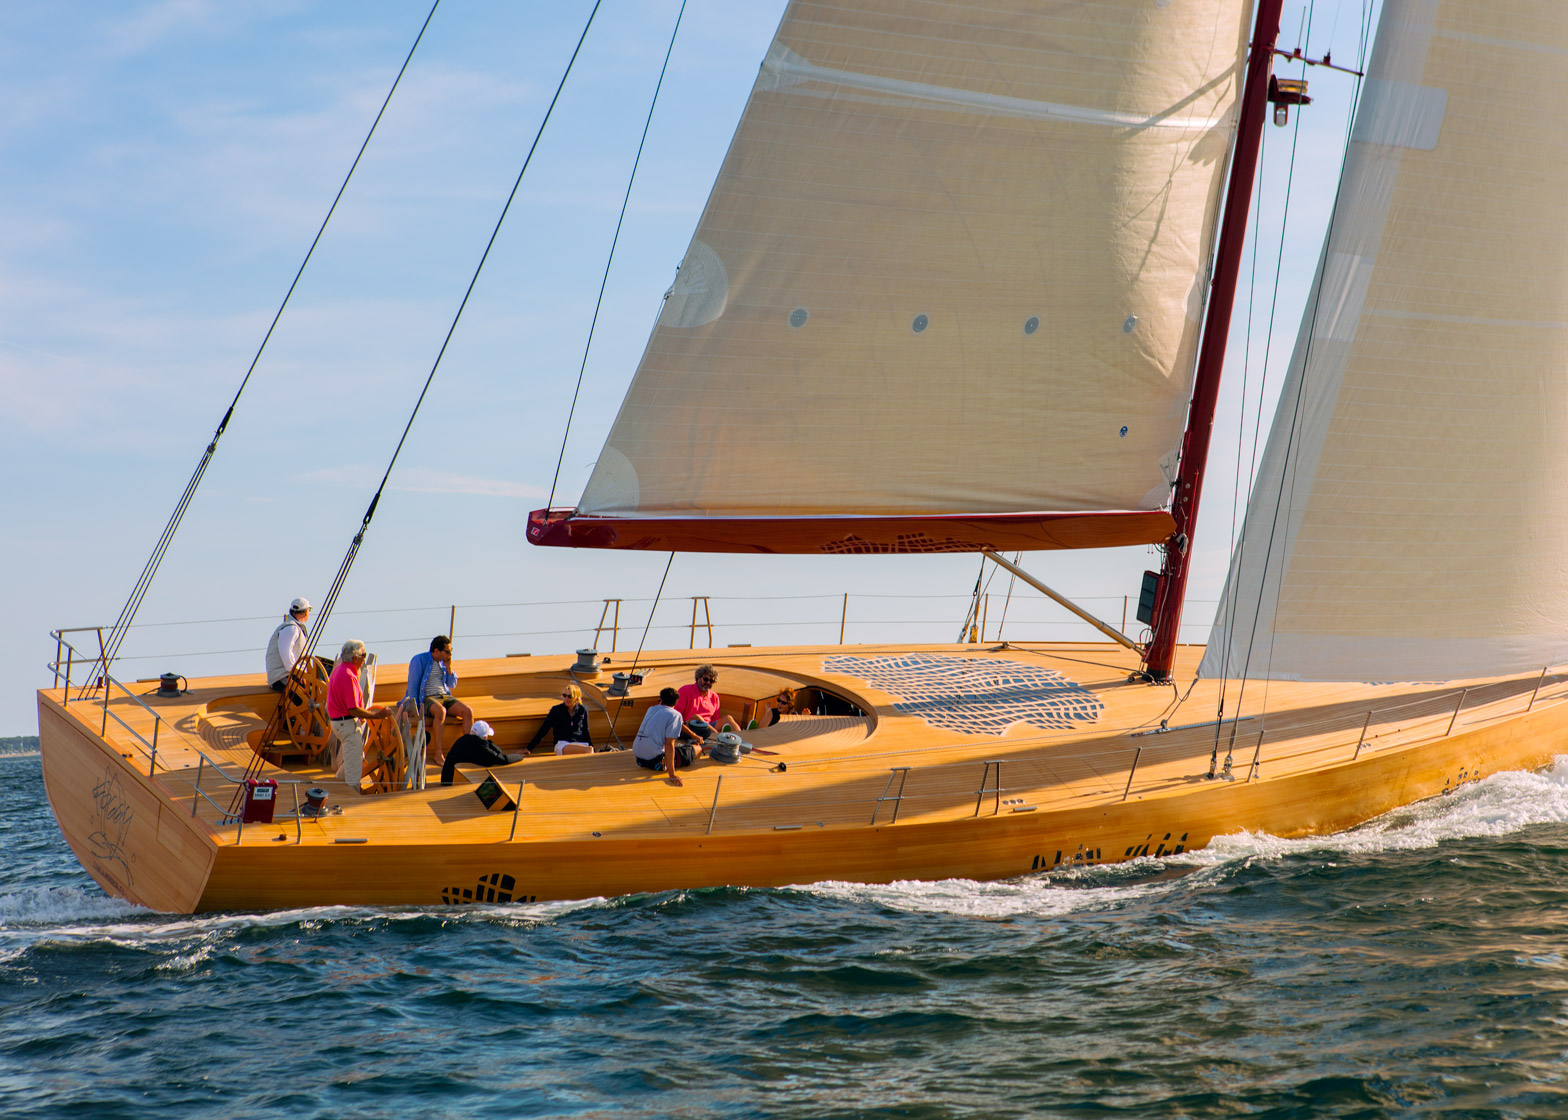 Frank Gehry's Foggy yacht